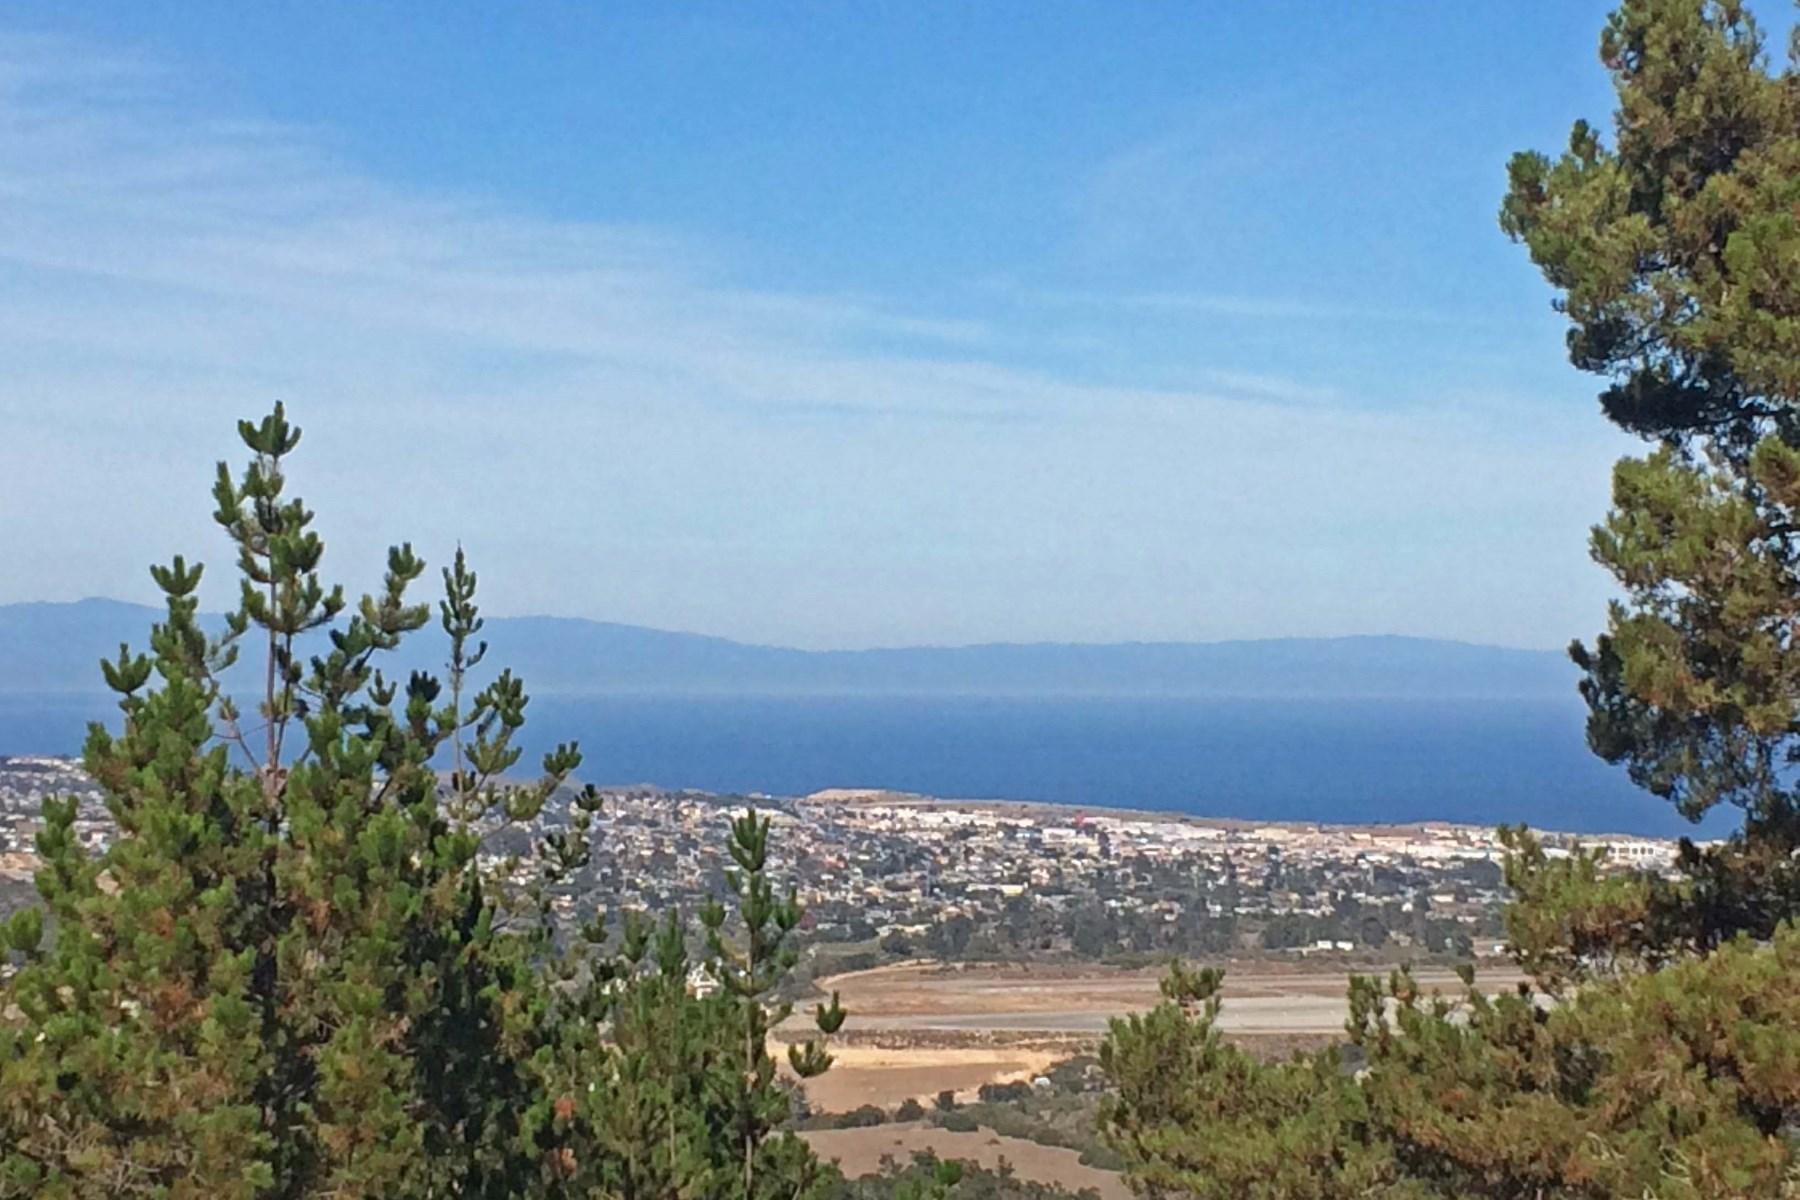 Земля для того Продажа на Tehama Homesite 91 - Big Bay Views 25540 Via Malpaso, Lot #91, Carmel, Калифорния, 93923 Соединенные Штаты